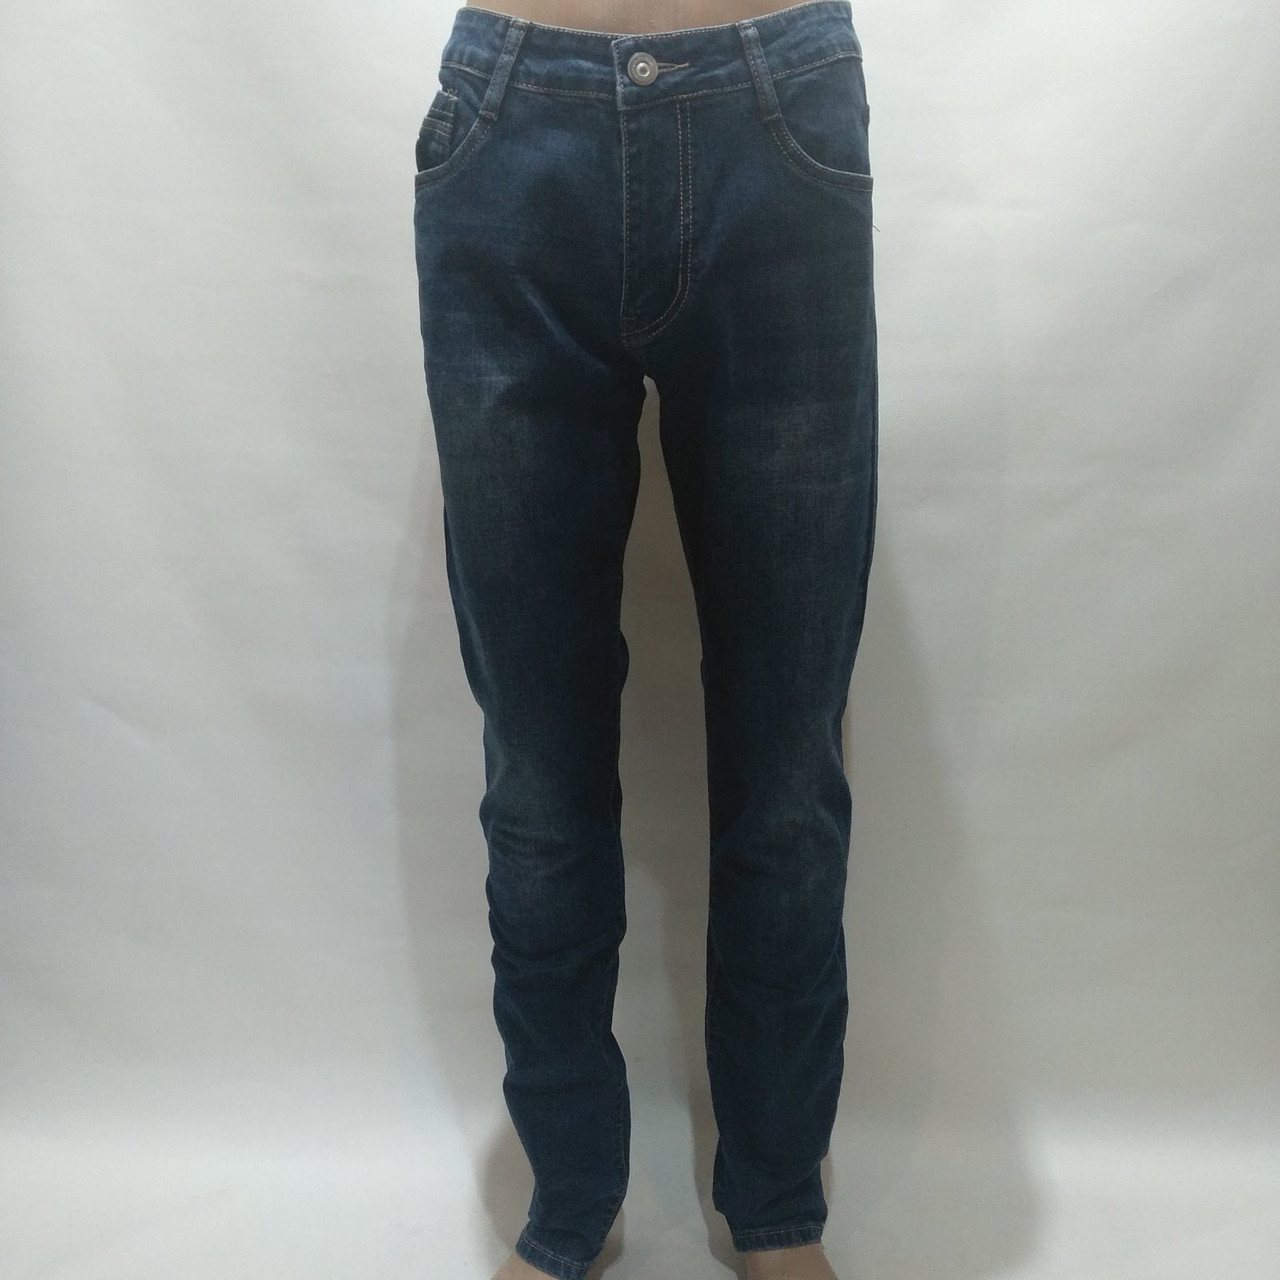 36,37,38 р. Мужские джинсы хорошего качества Viman